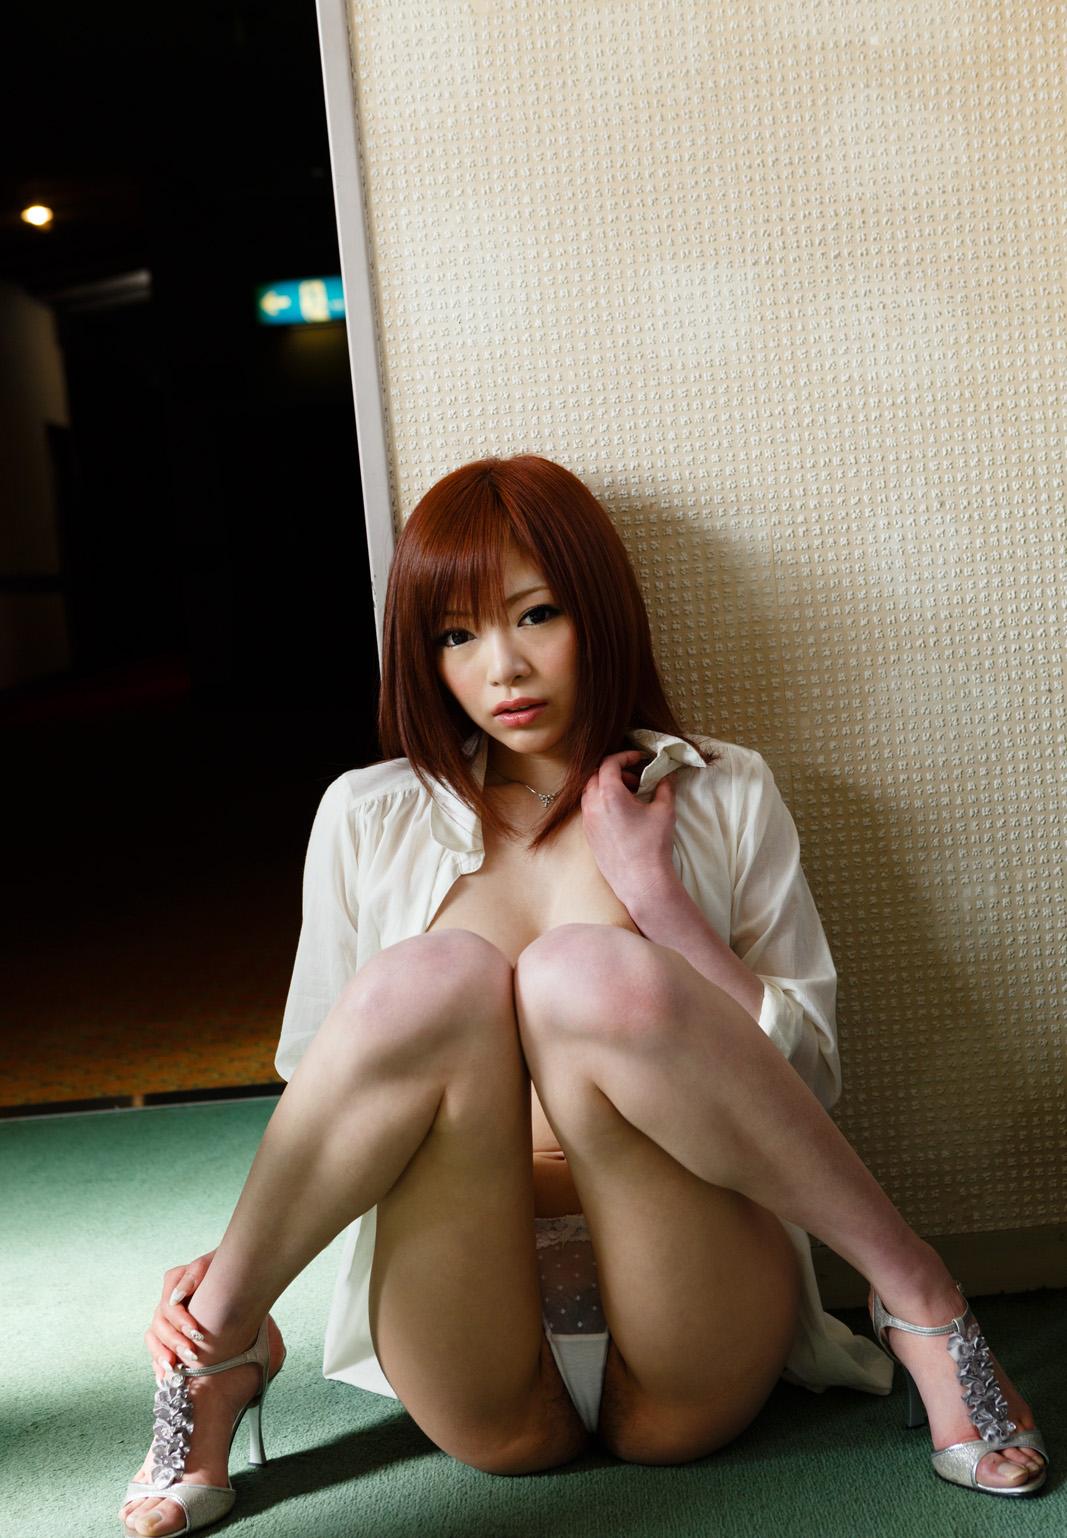 AV女優 MIYABI 画像 52